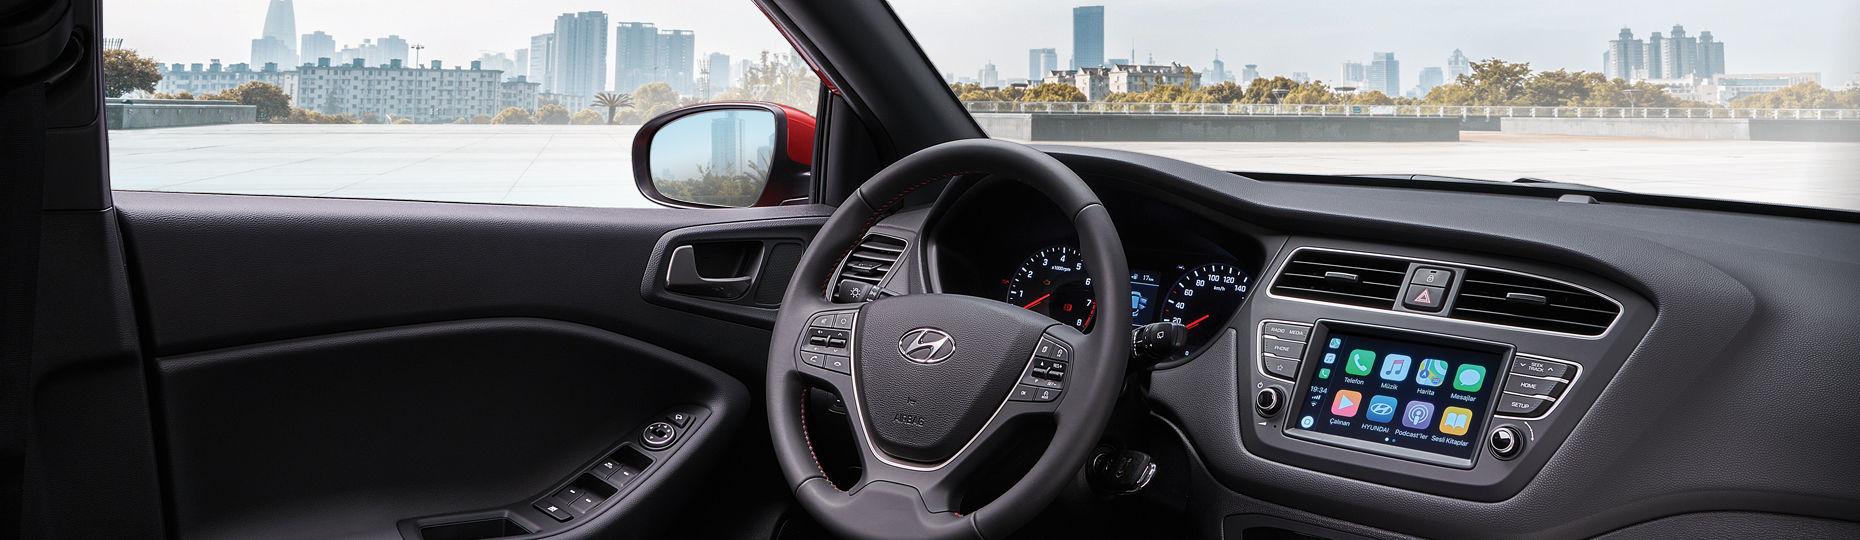 Hyundai I20 Araç Iç Tasarımı